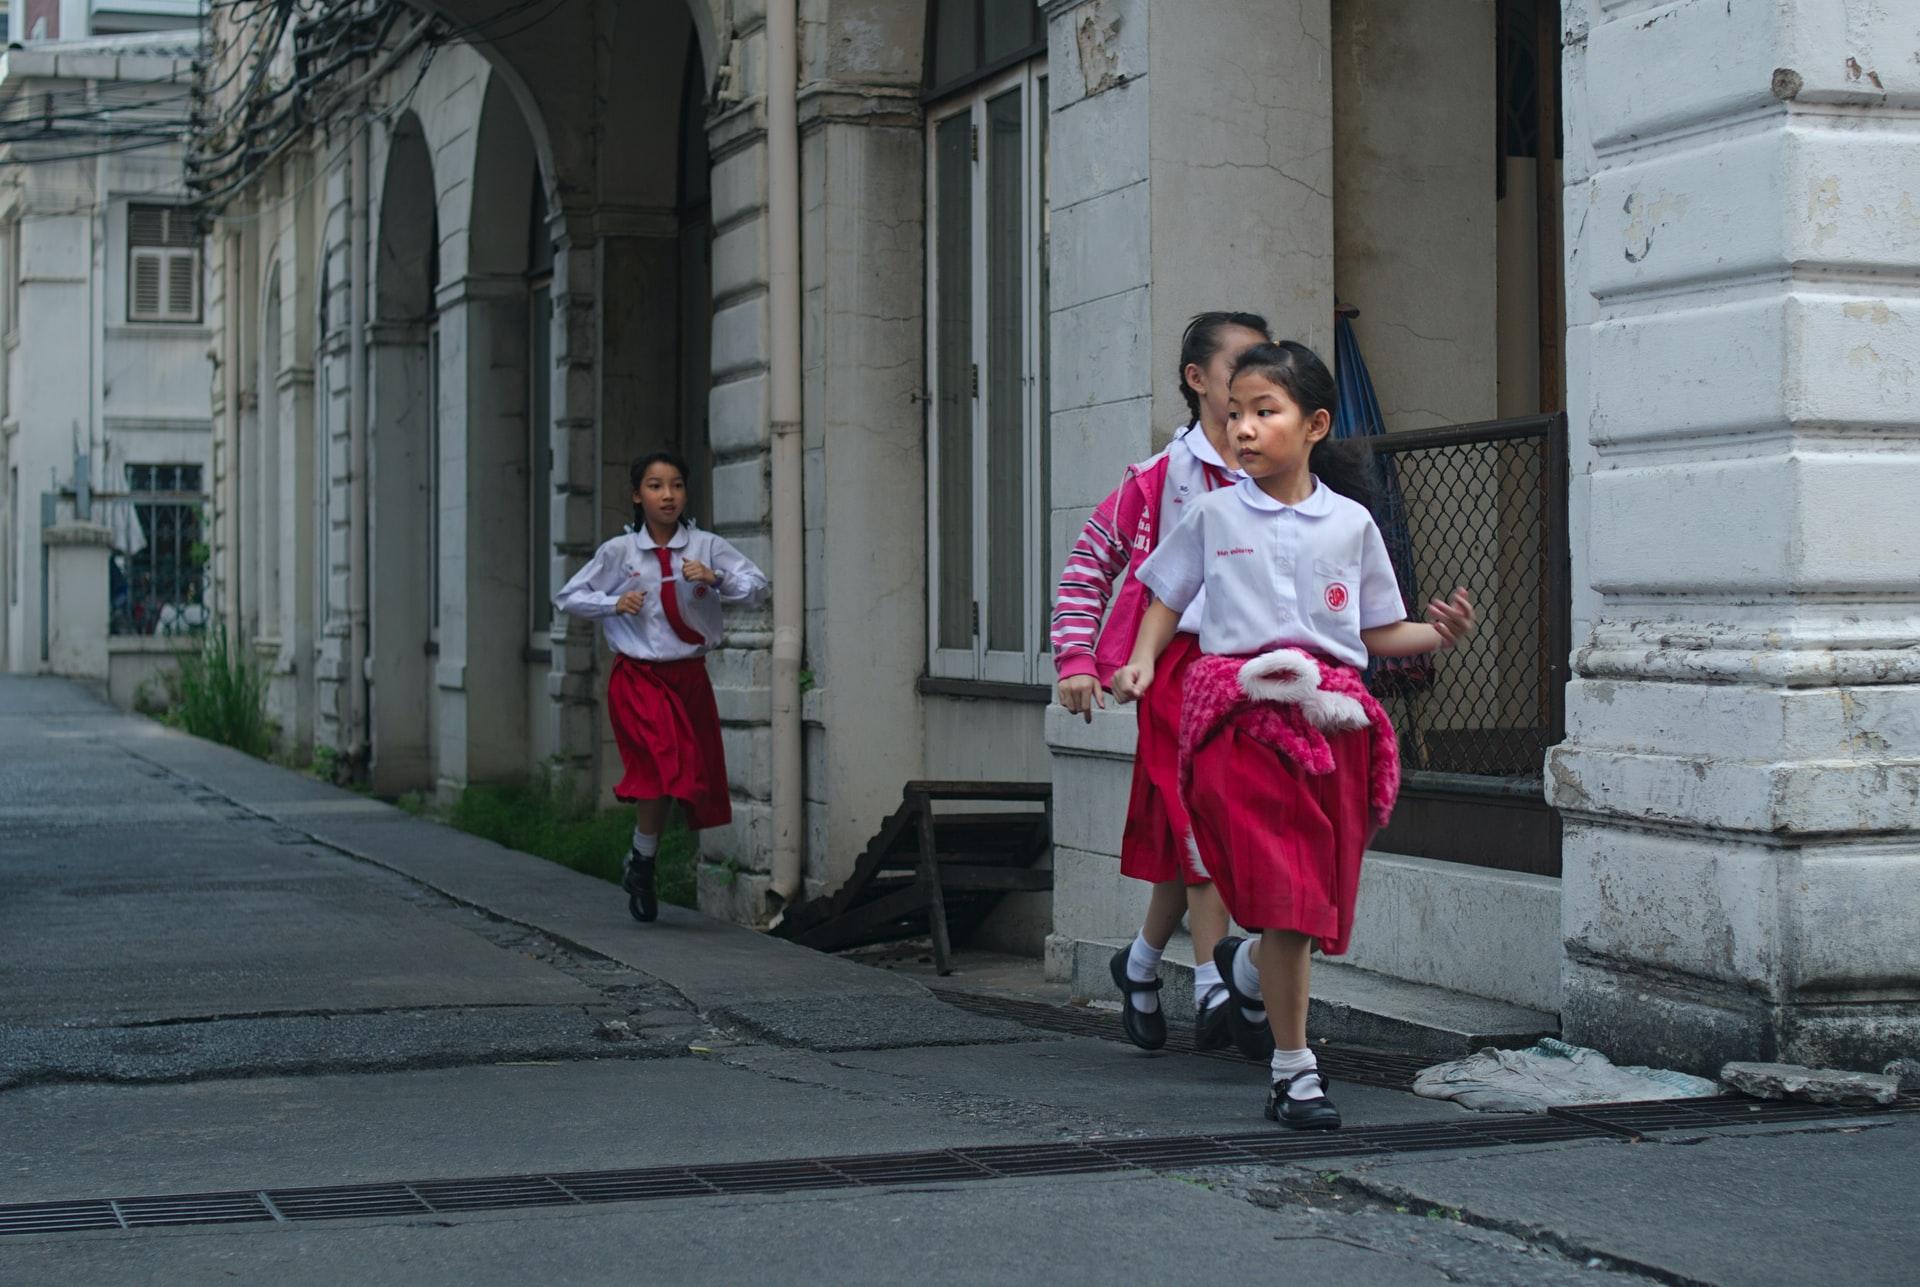 Três colegiais tailandesas uniformizadas caminham na calçada em frente a um prédio cinza com colunas.